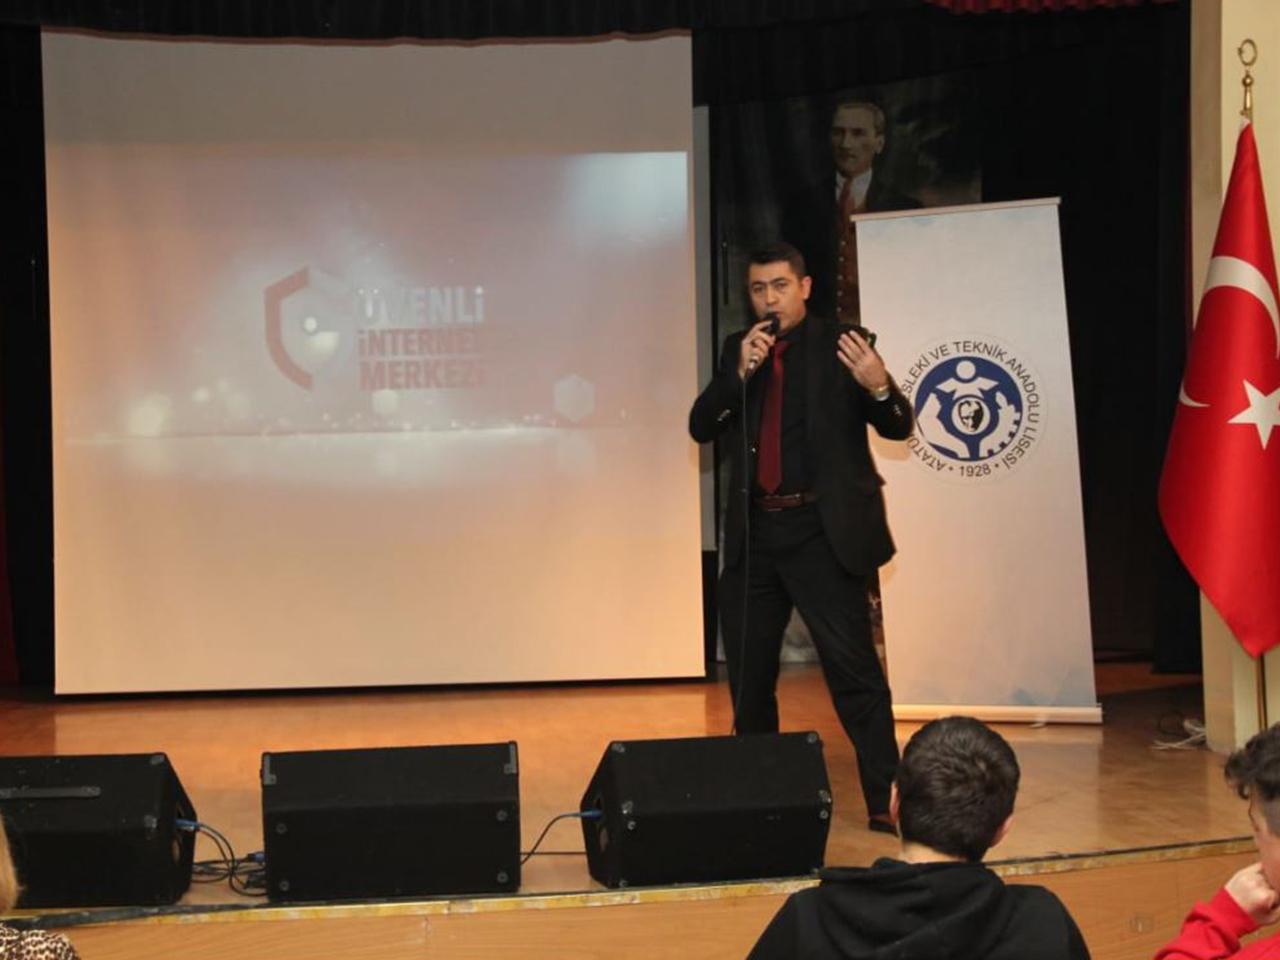 Ankara Altındağ Atatürk Mesleki ve Teknik Anadolu Lisesi, Bilinçli Ve Güvenli İnternet Semineri